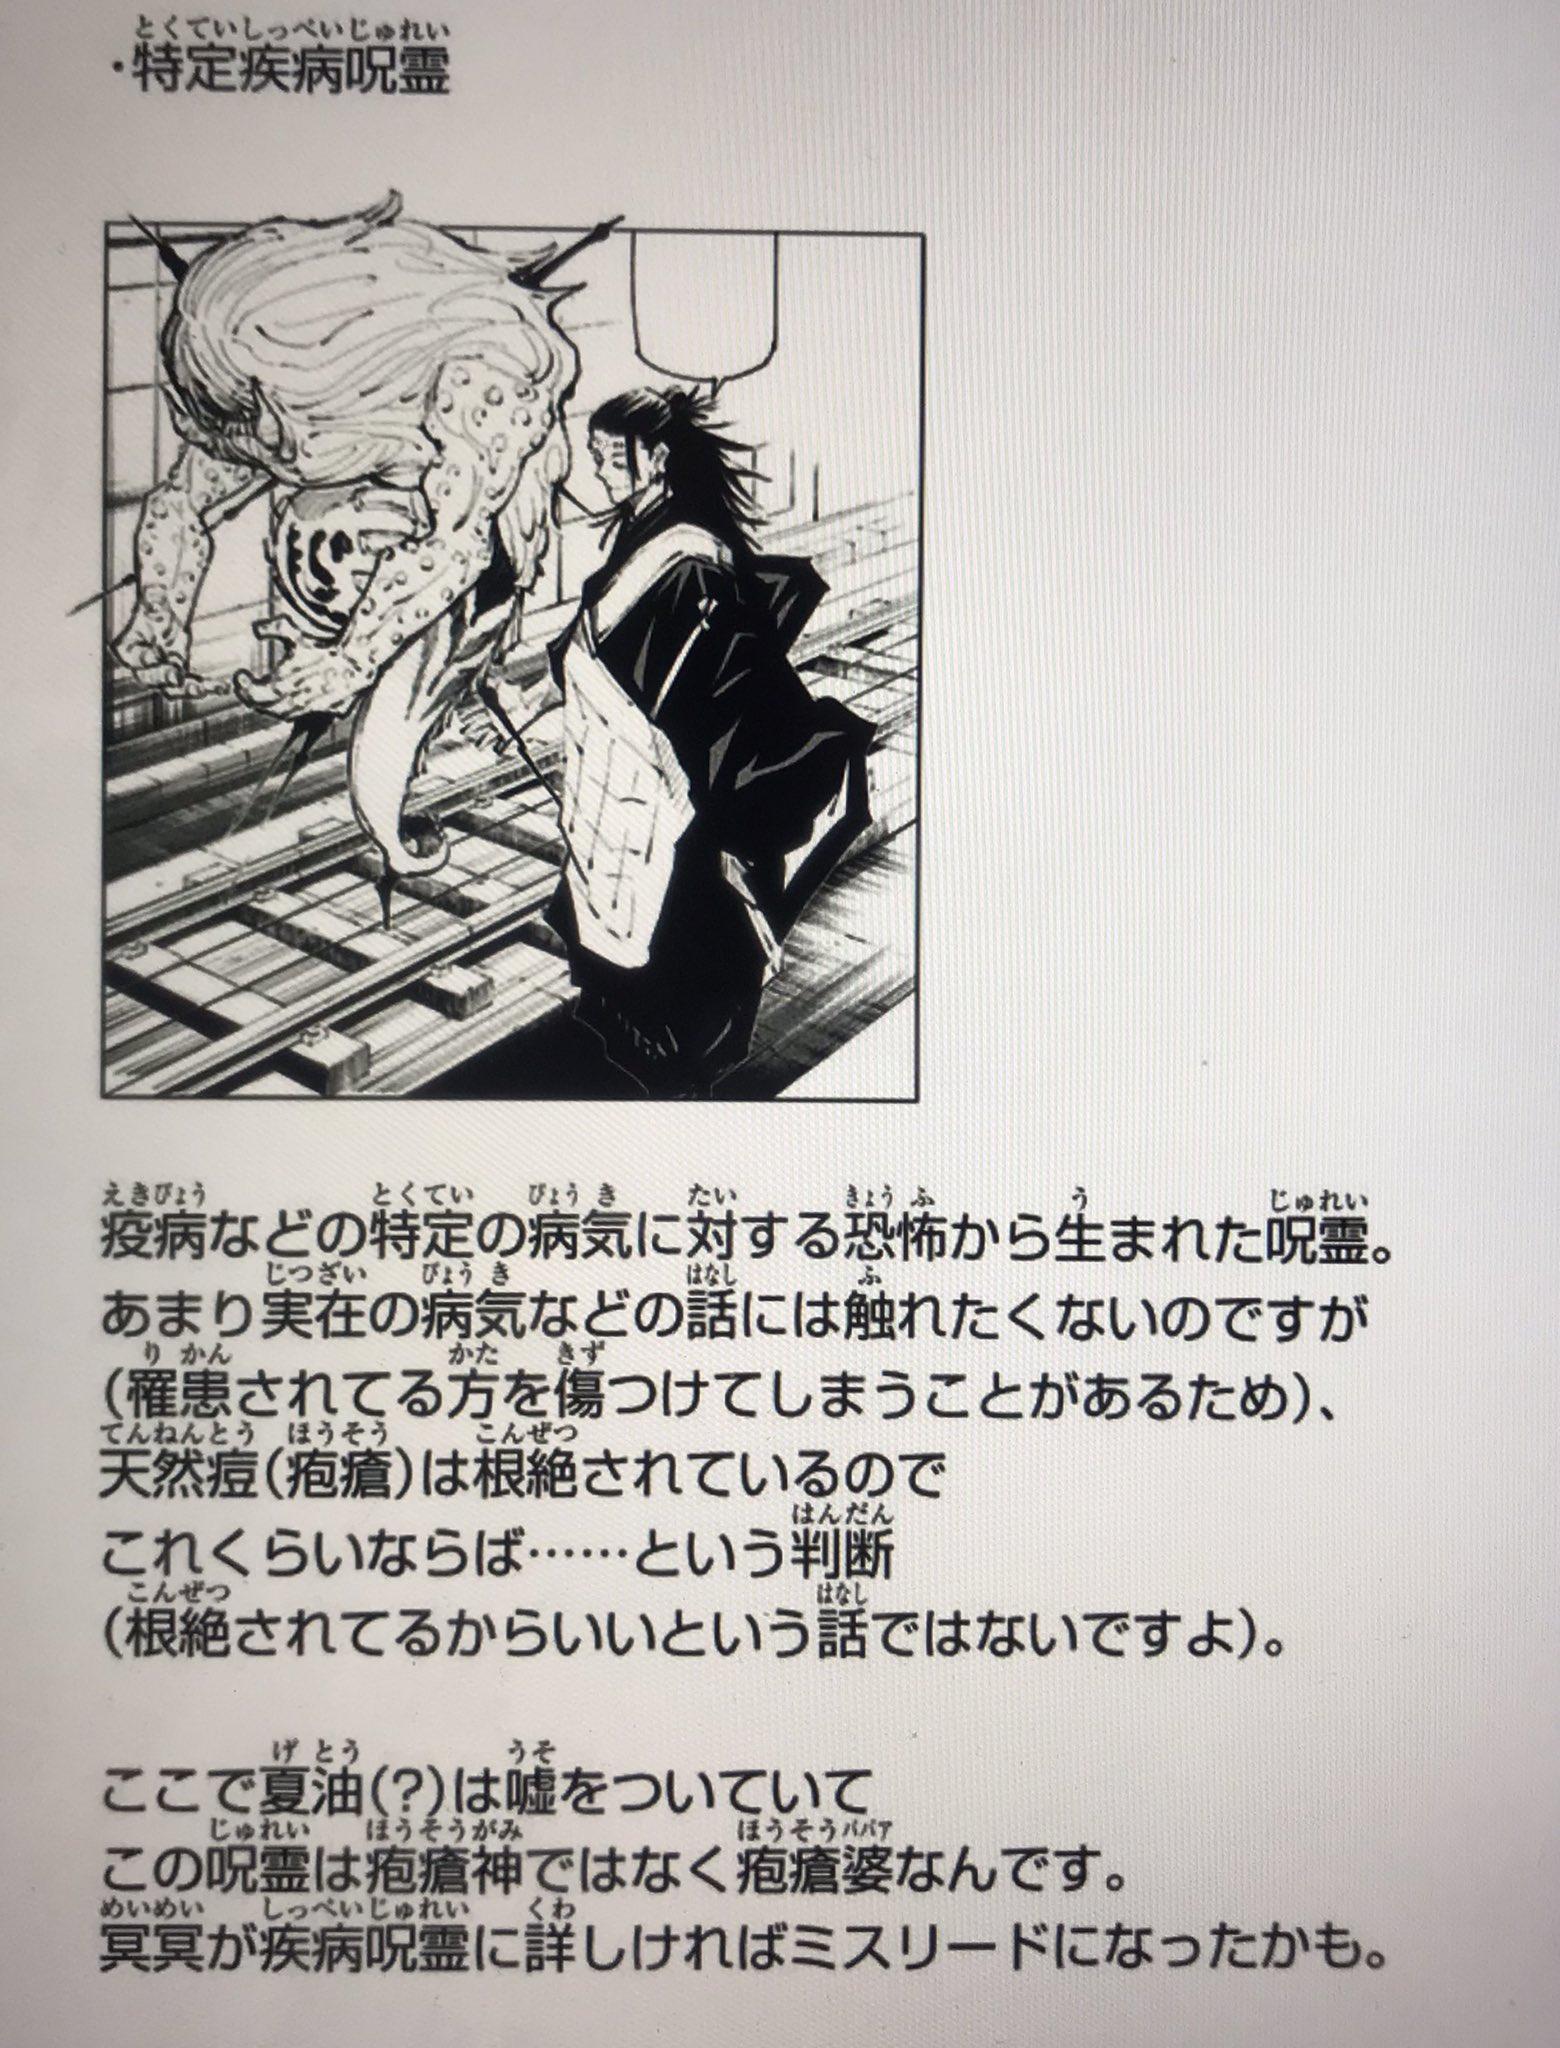 【呪術廻戦】疱瘡神(ほうそうがみ)